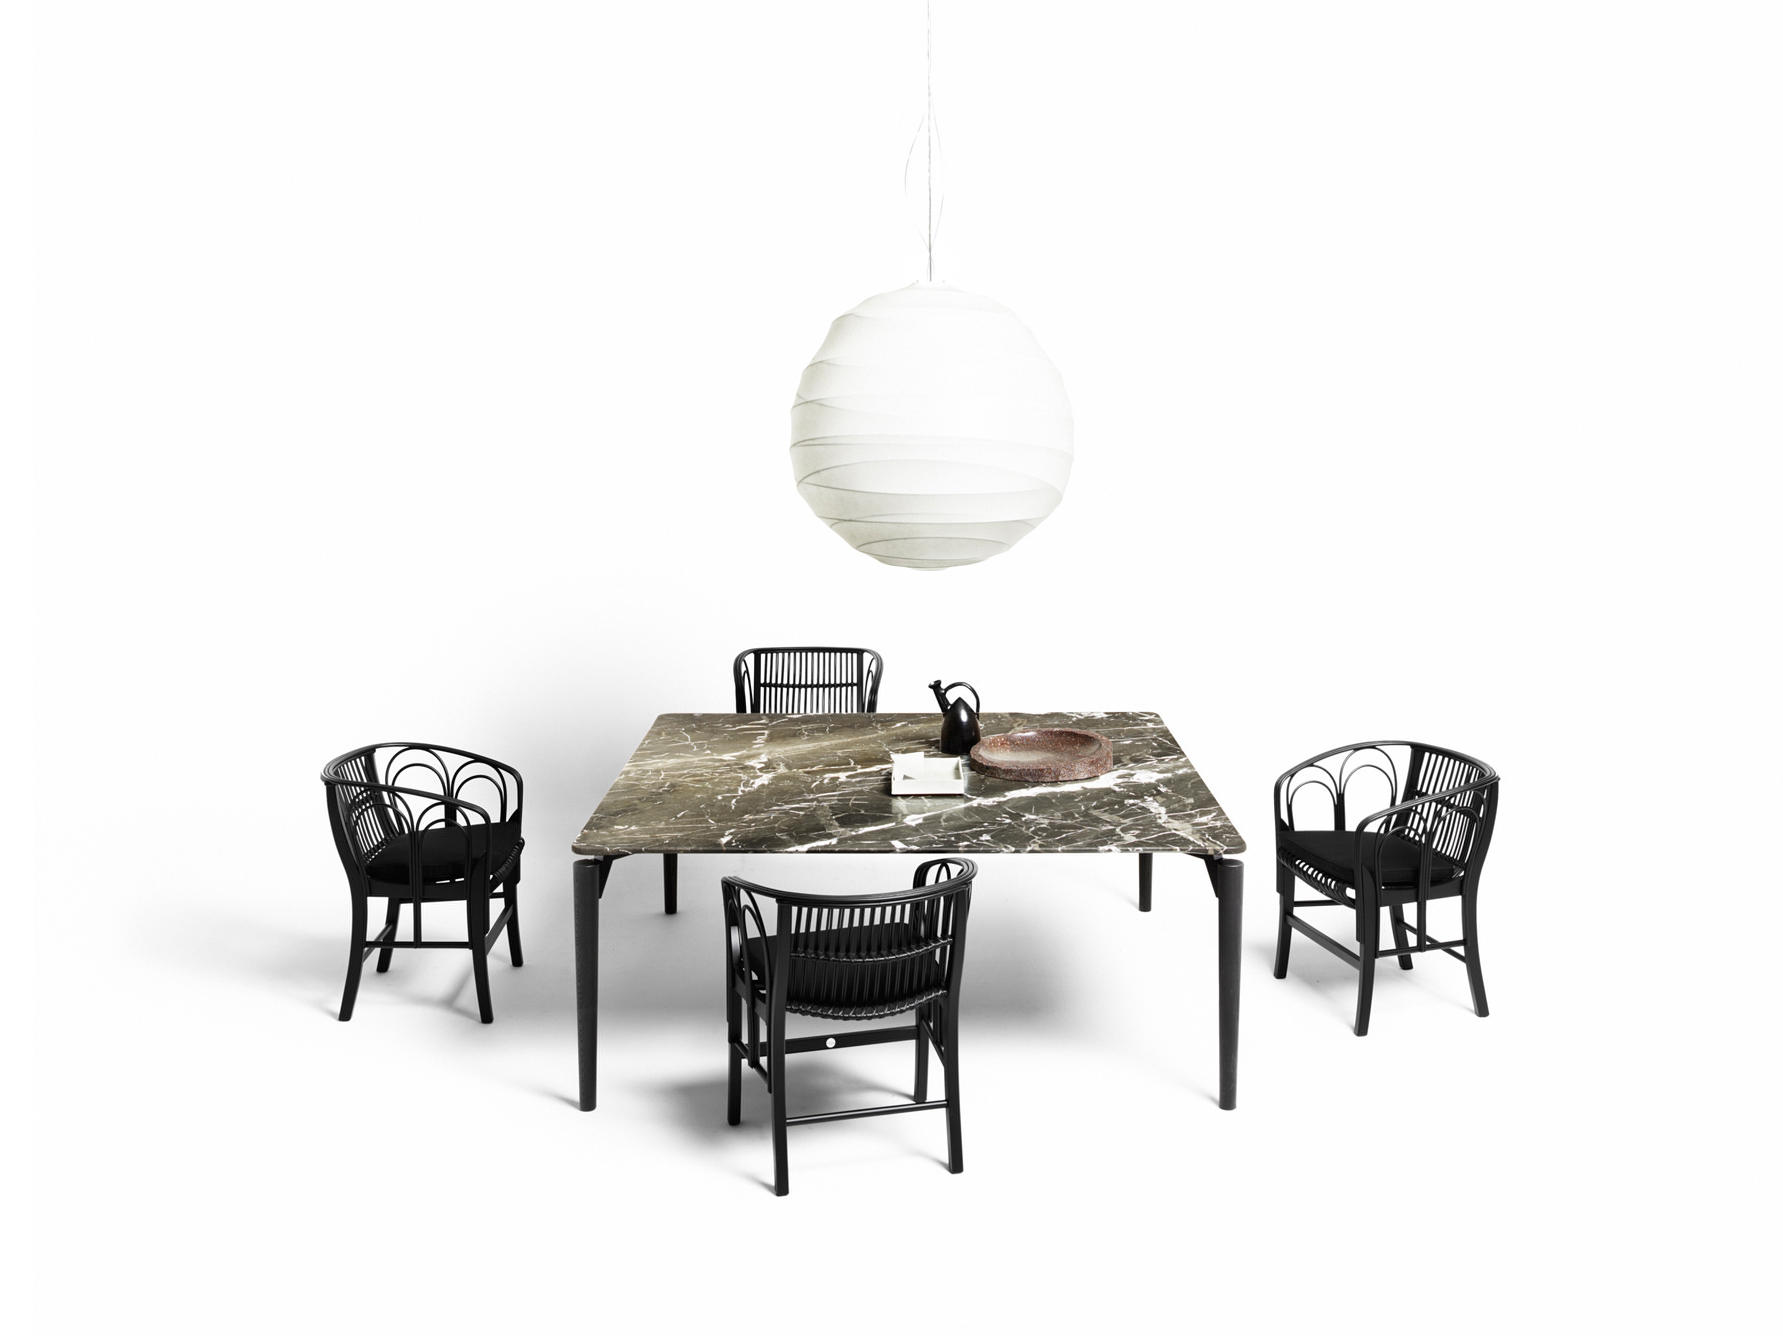 TAVOLO 95 - Restaurant tables from De Padova | Architonic